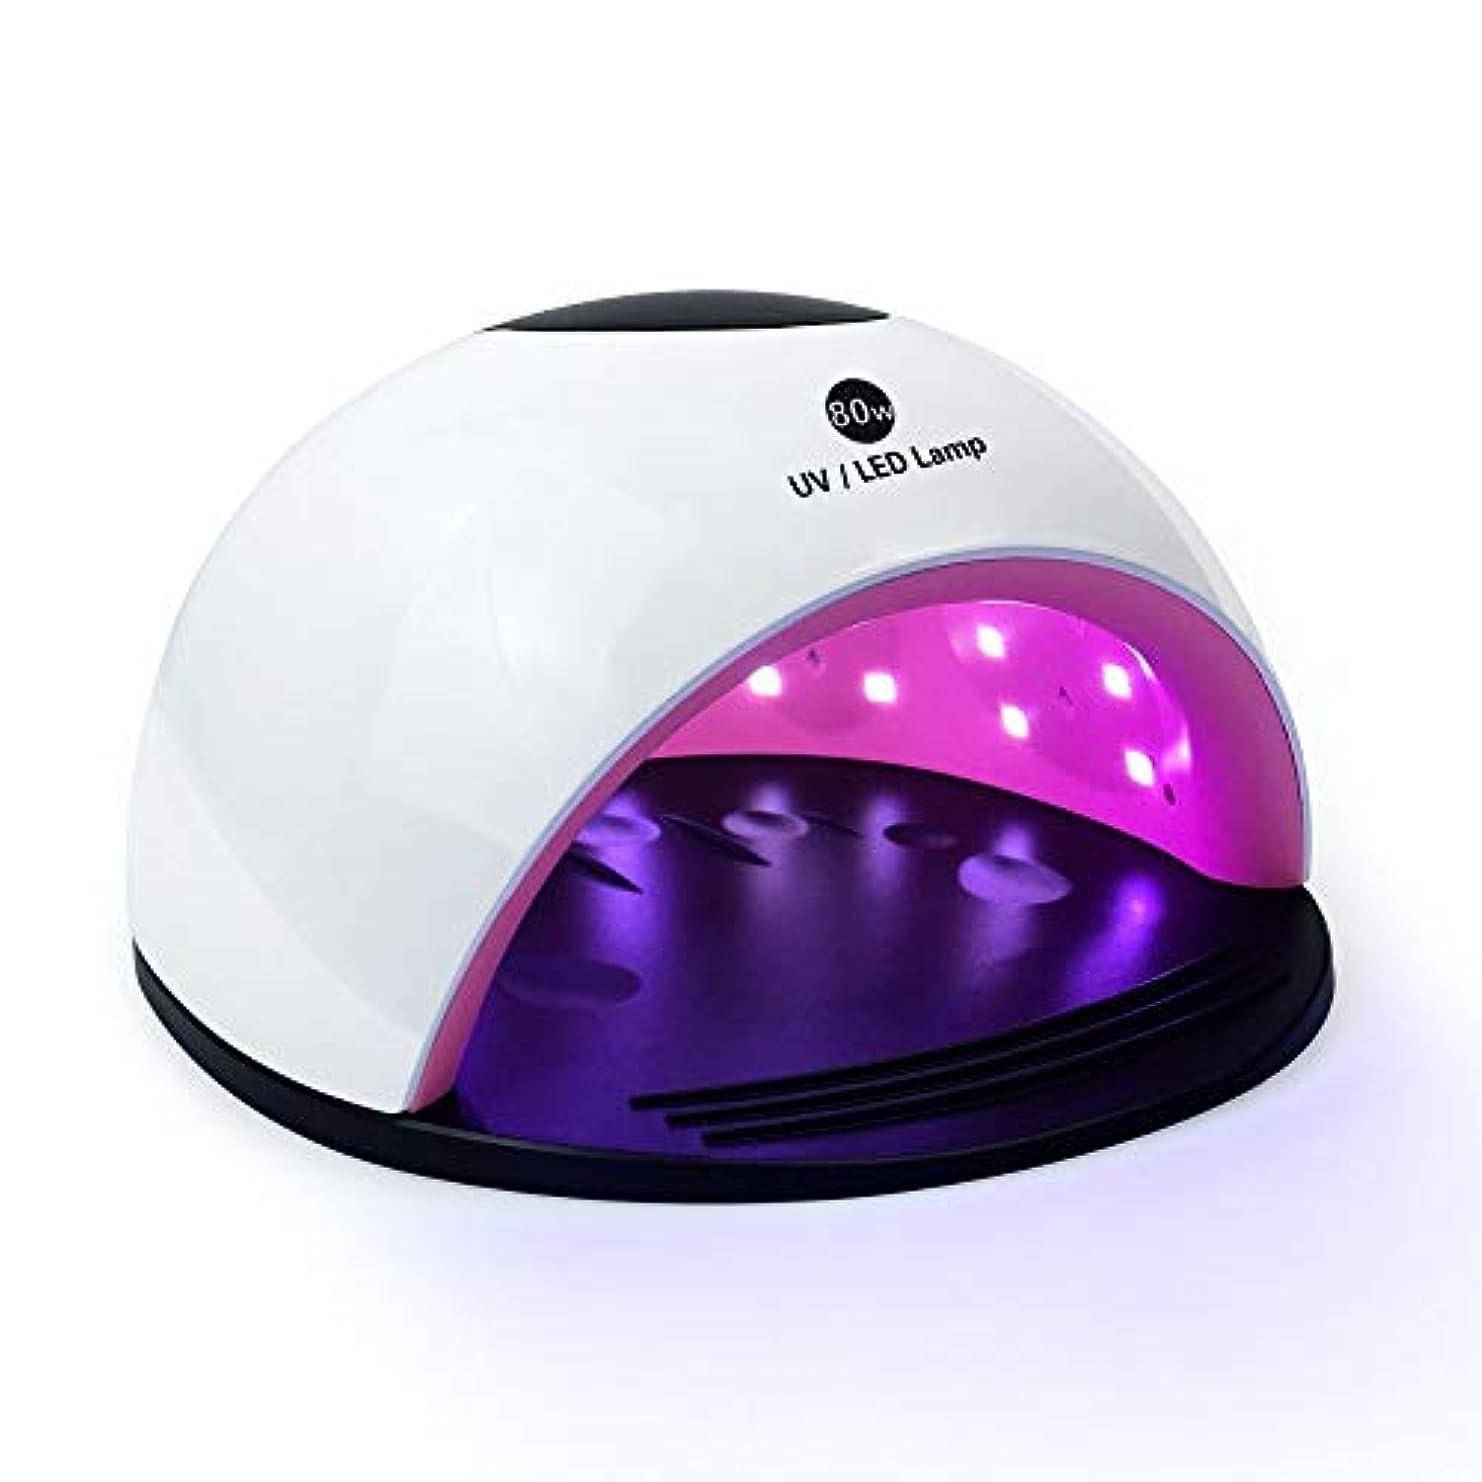 引数面積ワークショップRRSHUN 80WネイルドライヤーUVランプLEDネイルランプジェルポリッシュ硬化デュアルライトボトムLCDディスプレイ光線療法ランプ用ネイルツール